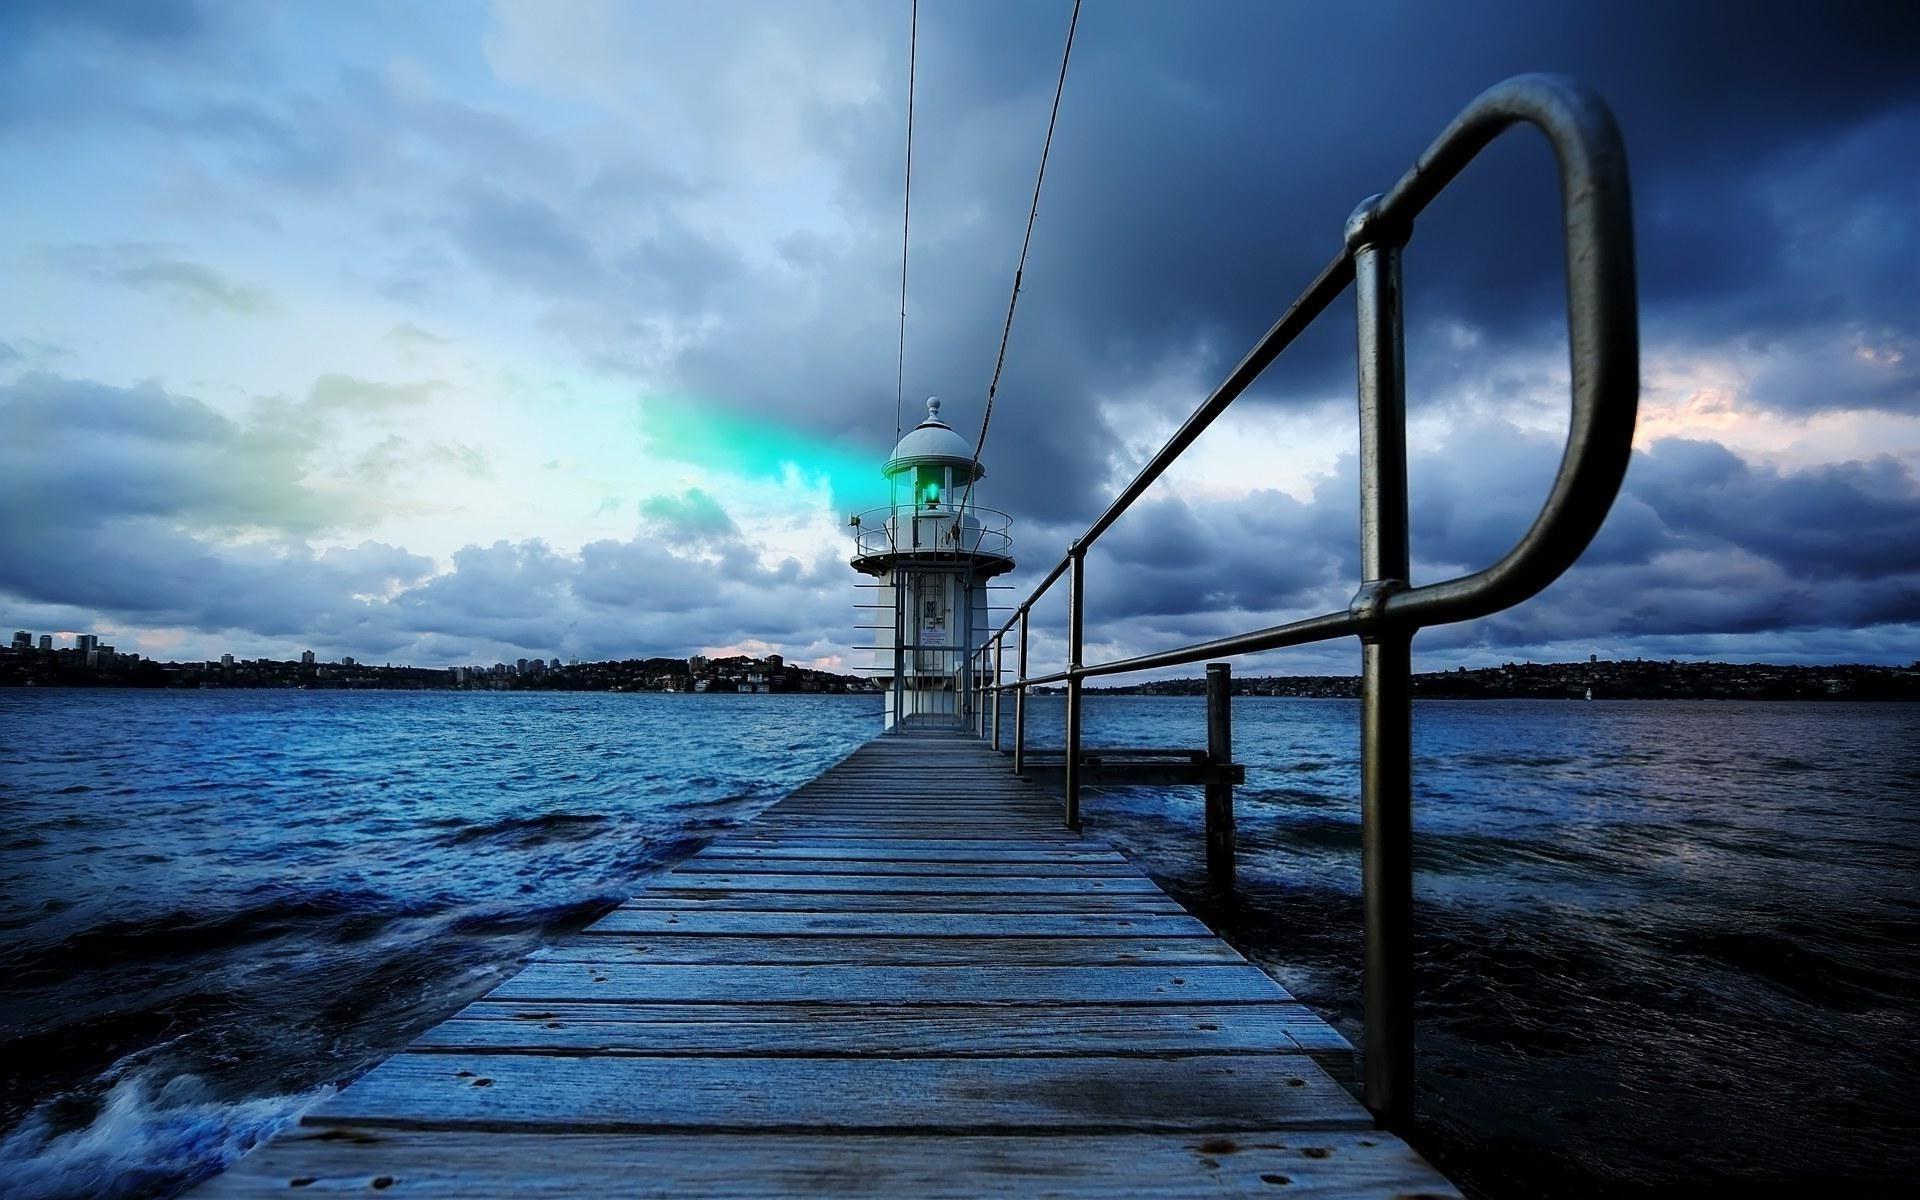 маяк озеро небо деревья бесплатно